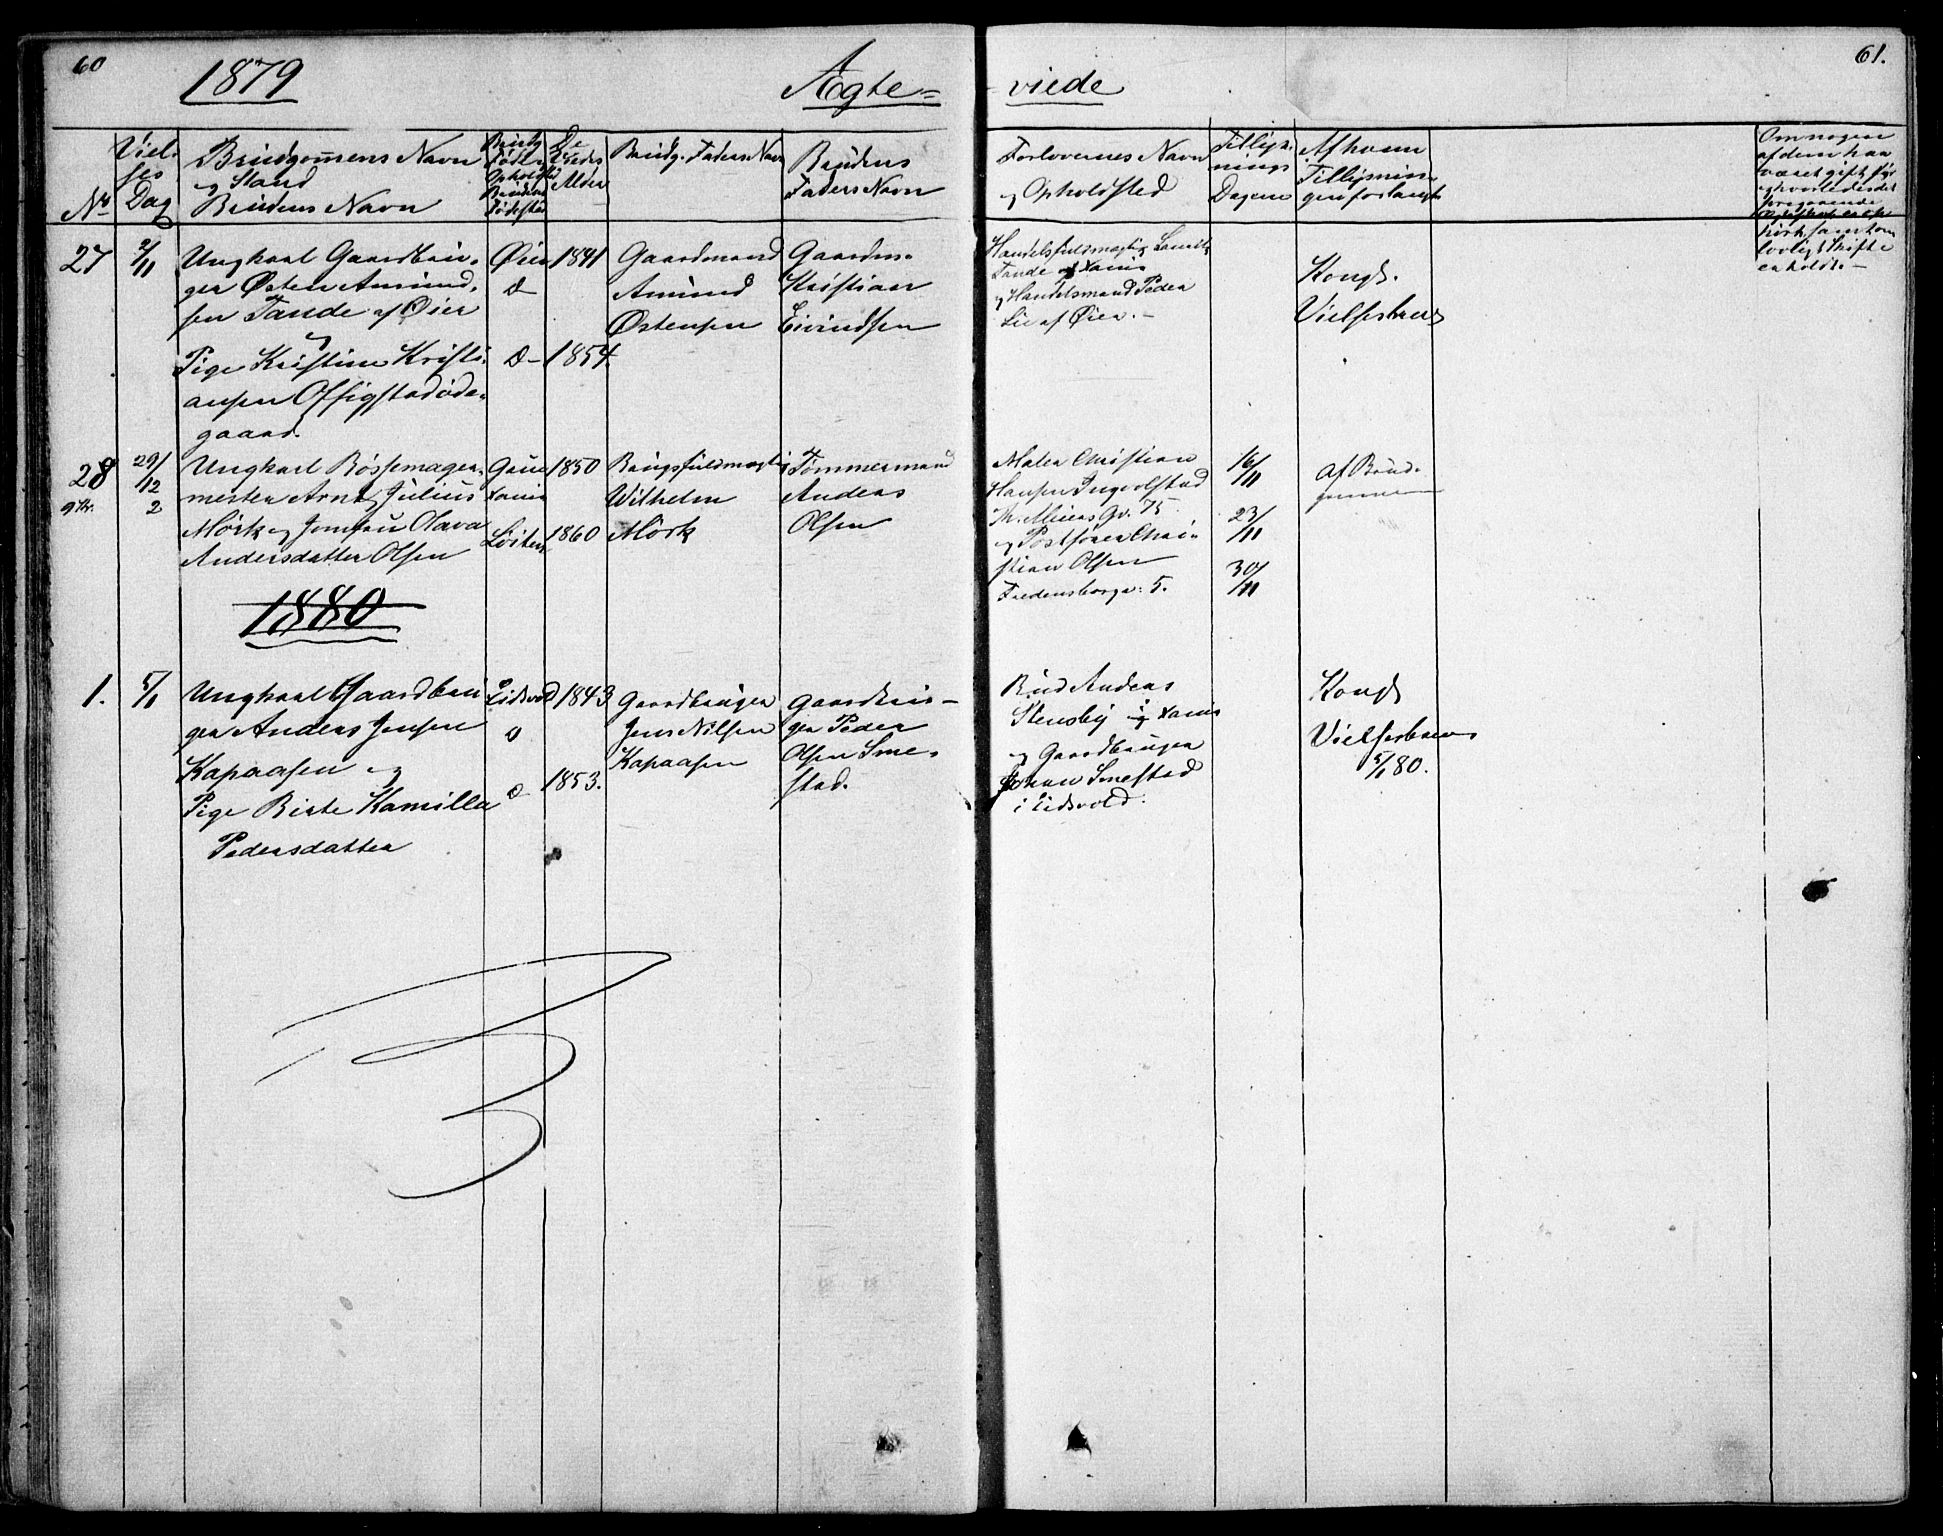 SAO, Garnisonsmenigheten Kirkebøker, F/Fa/L0007: Ministerialbok nr. 7, 1828-1881, s. 61